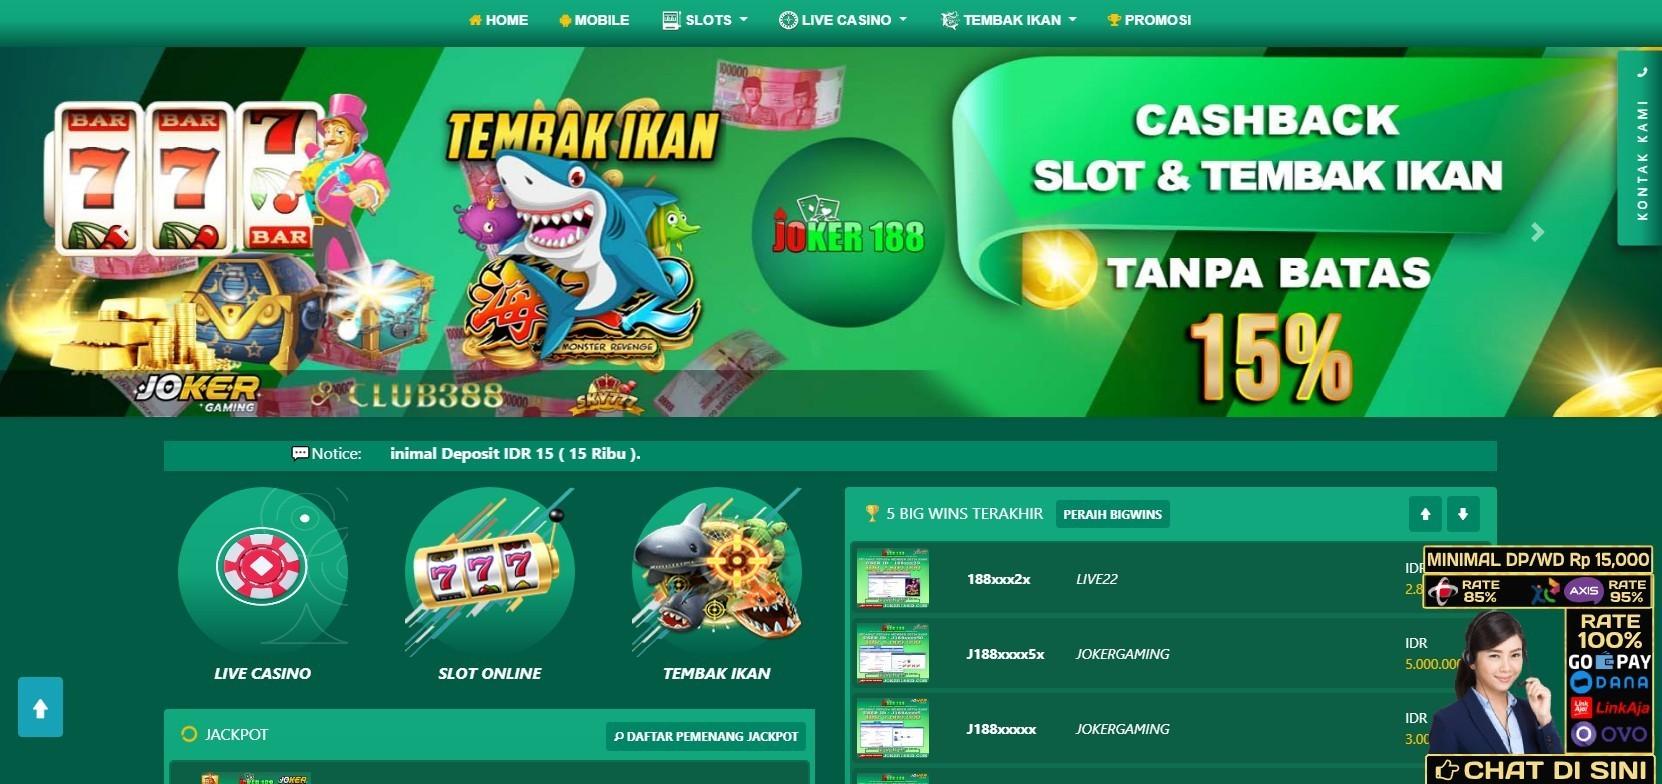 Jual Tiket Joker188 Link Official Daftar Slots Online Spadegaming Loket Com